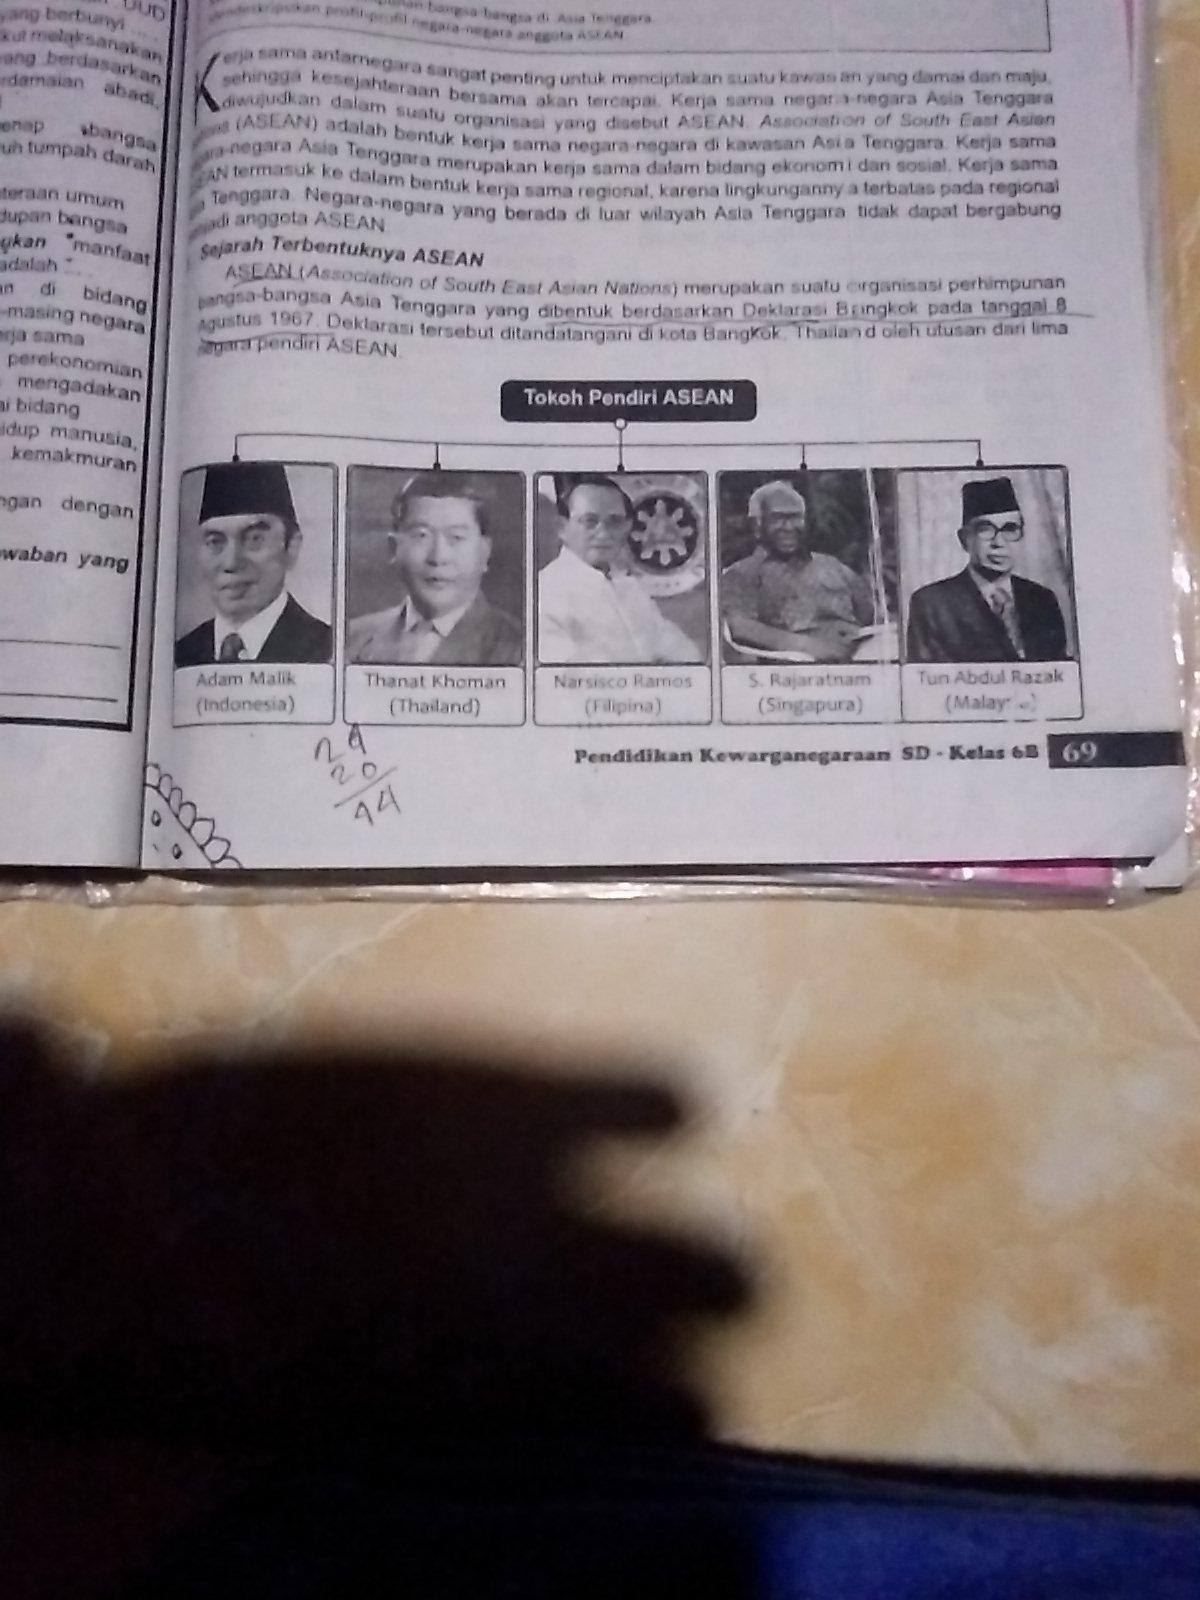 Menteri Luar Negeri Yang Menandatangani Deklarasi Bangkok : menteri, negeri, menandatangani, deklarasi, bangkok, Orang, Beserta, Mentri, Negri, Menandatangani, Deklarasi, Bangkok, Brainly.co.id